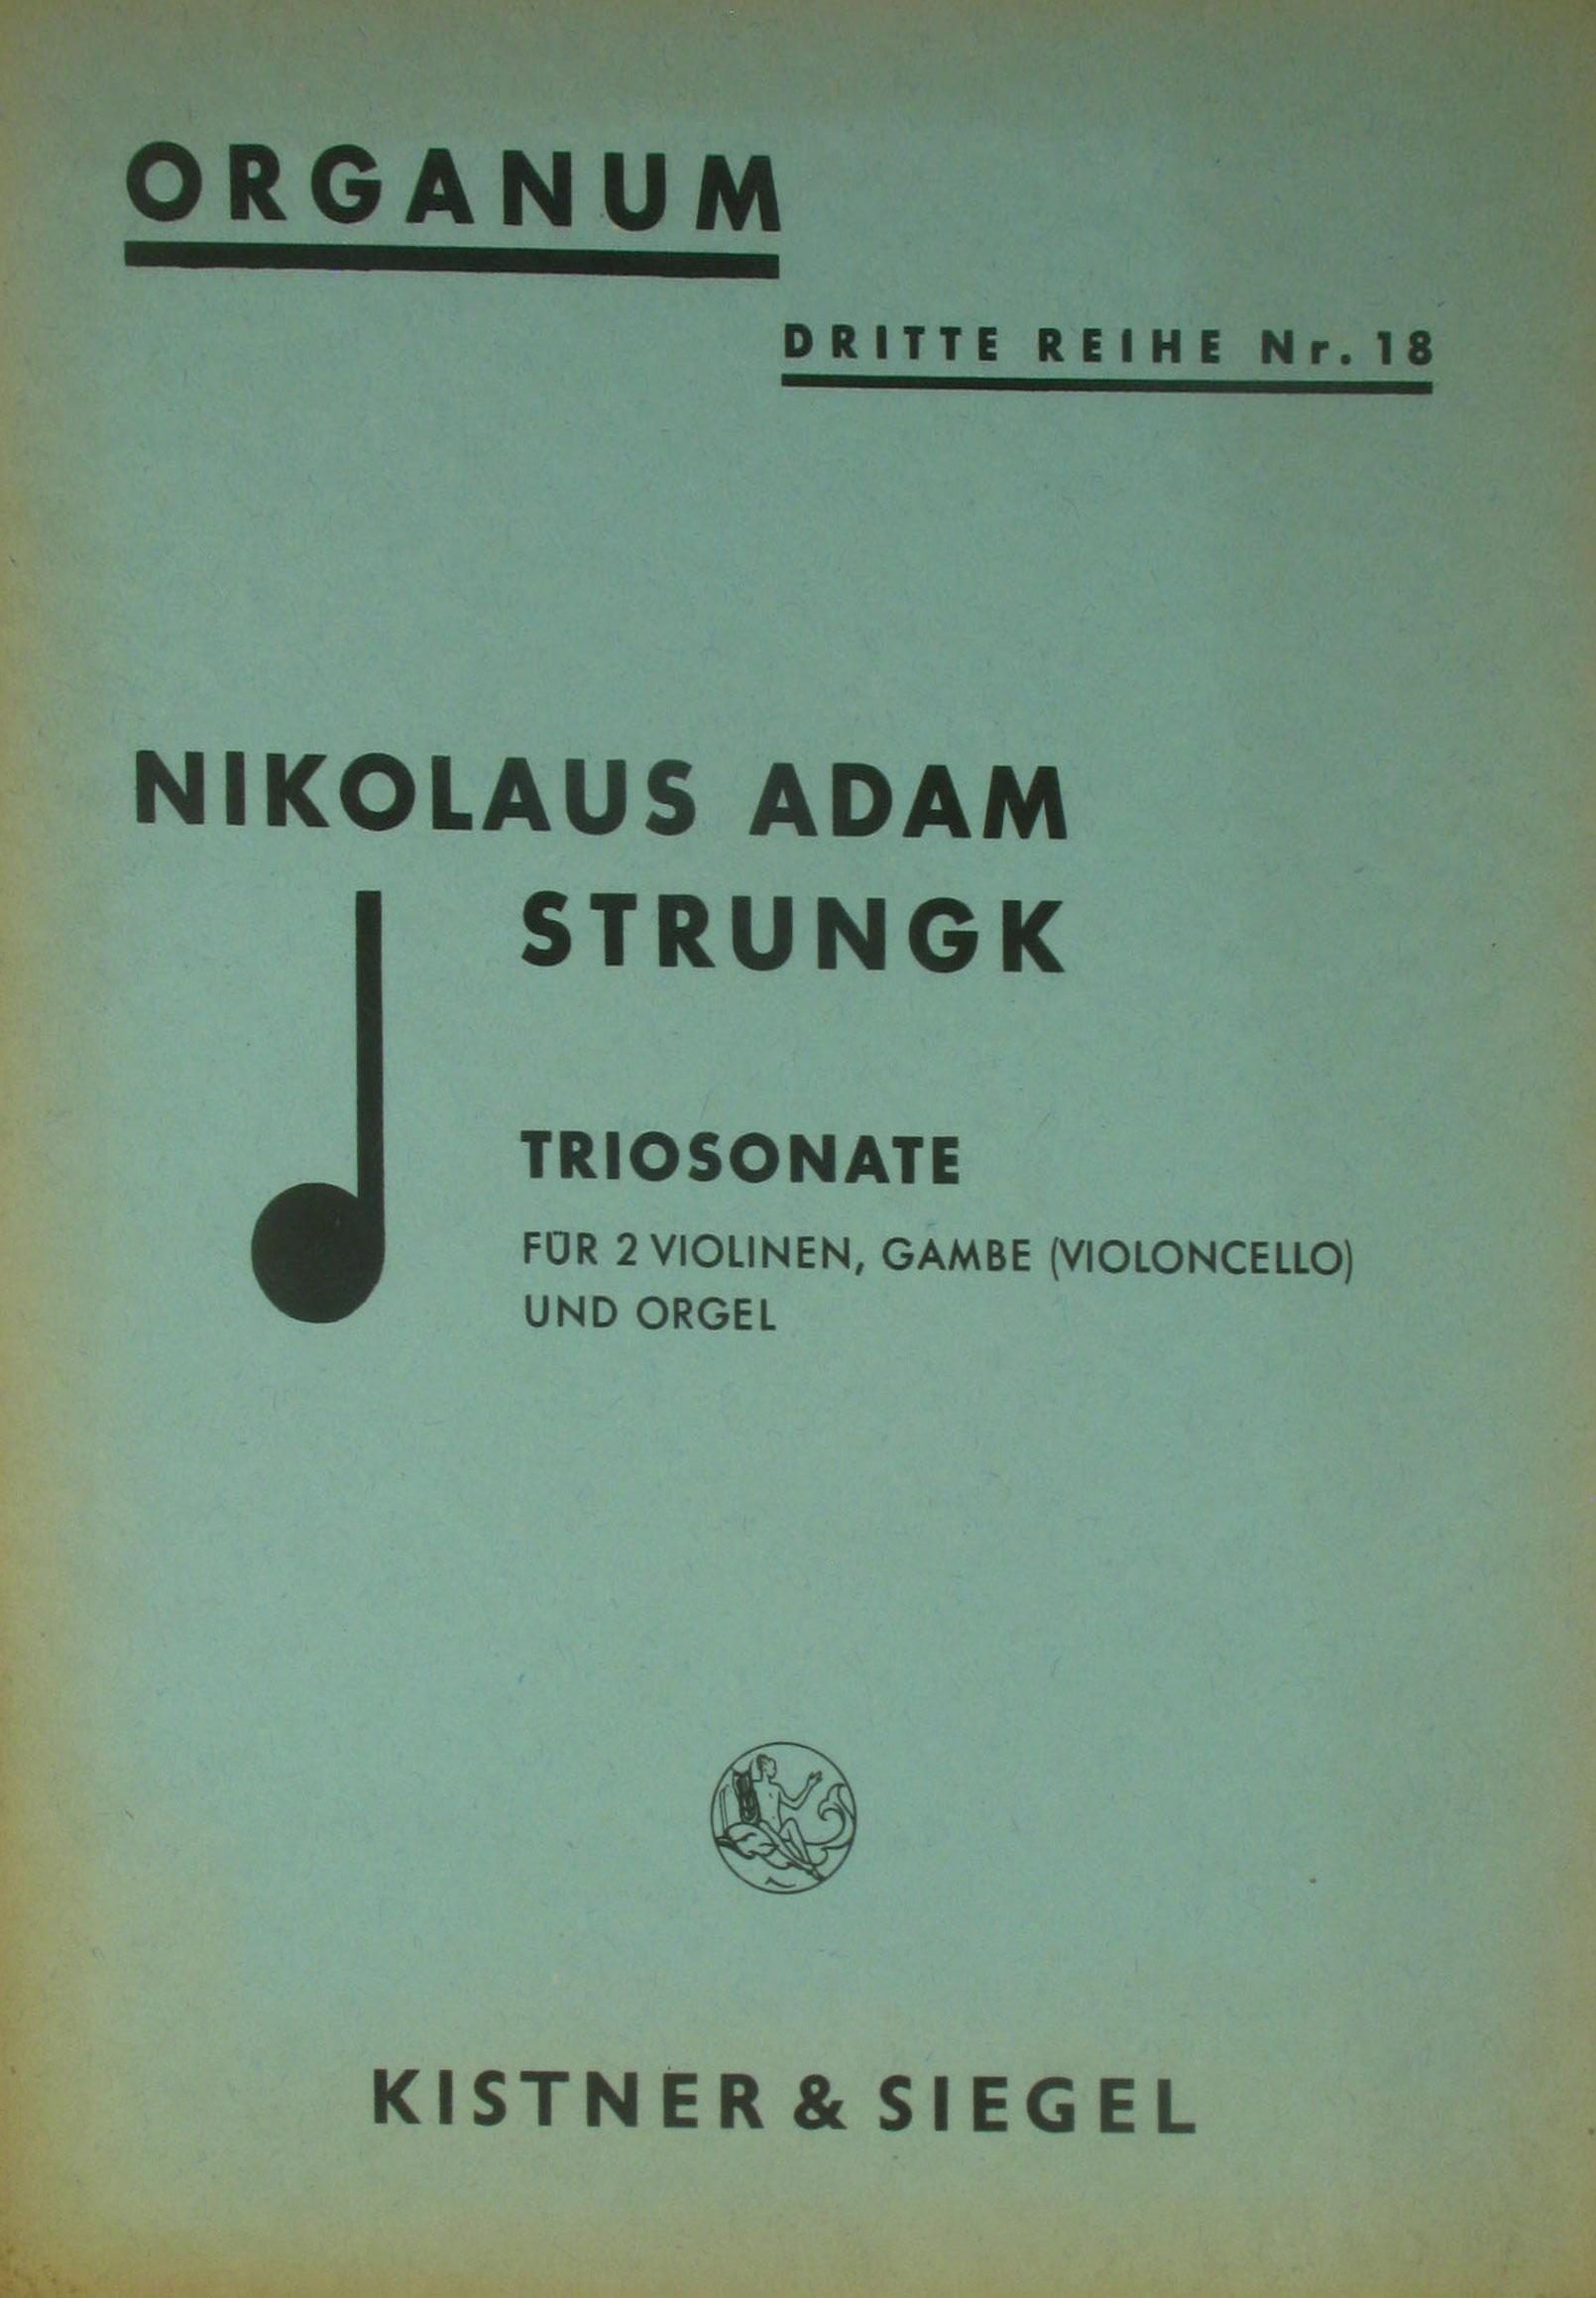 Mozart Duette 12 zweistimmige Stücke von Wolfgang Amadeus Twarz Waldemar Hrsg